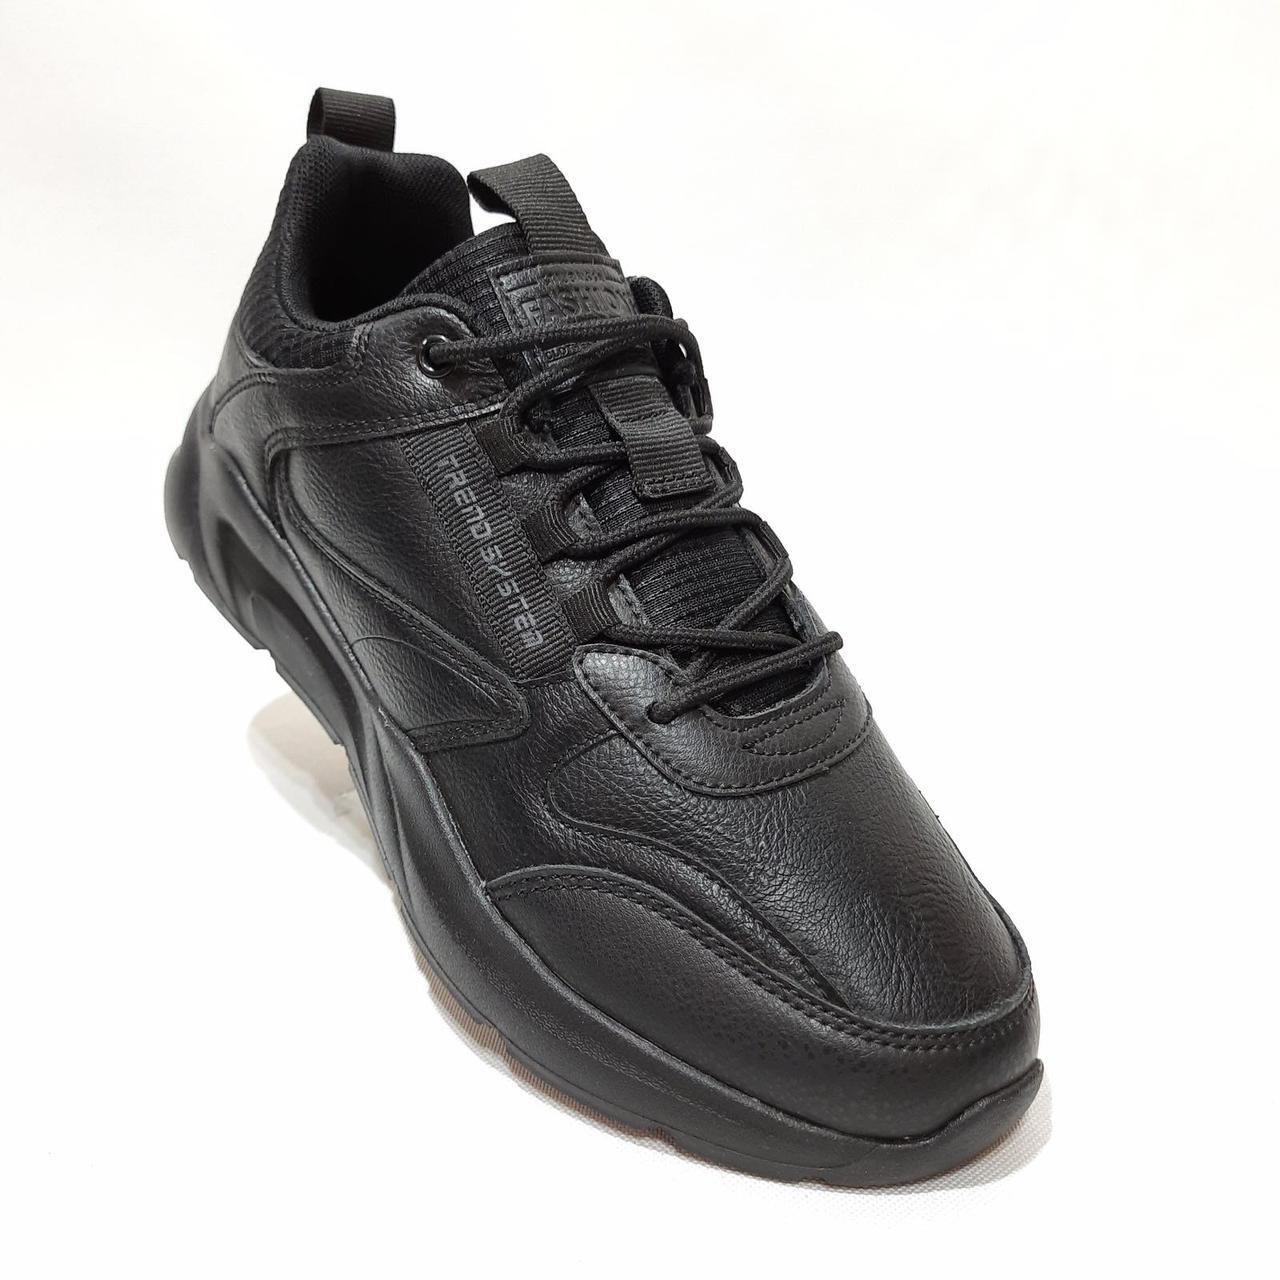 44,45 р  Мужские кроссовки Restime Рестайм Черные